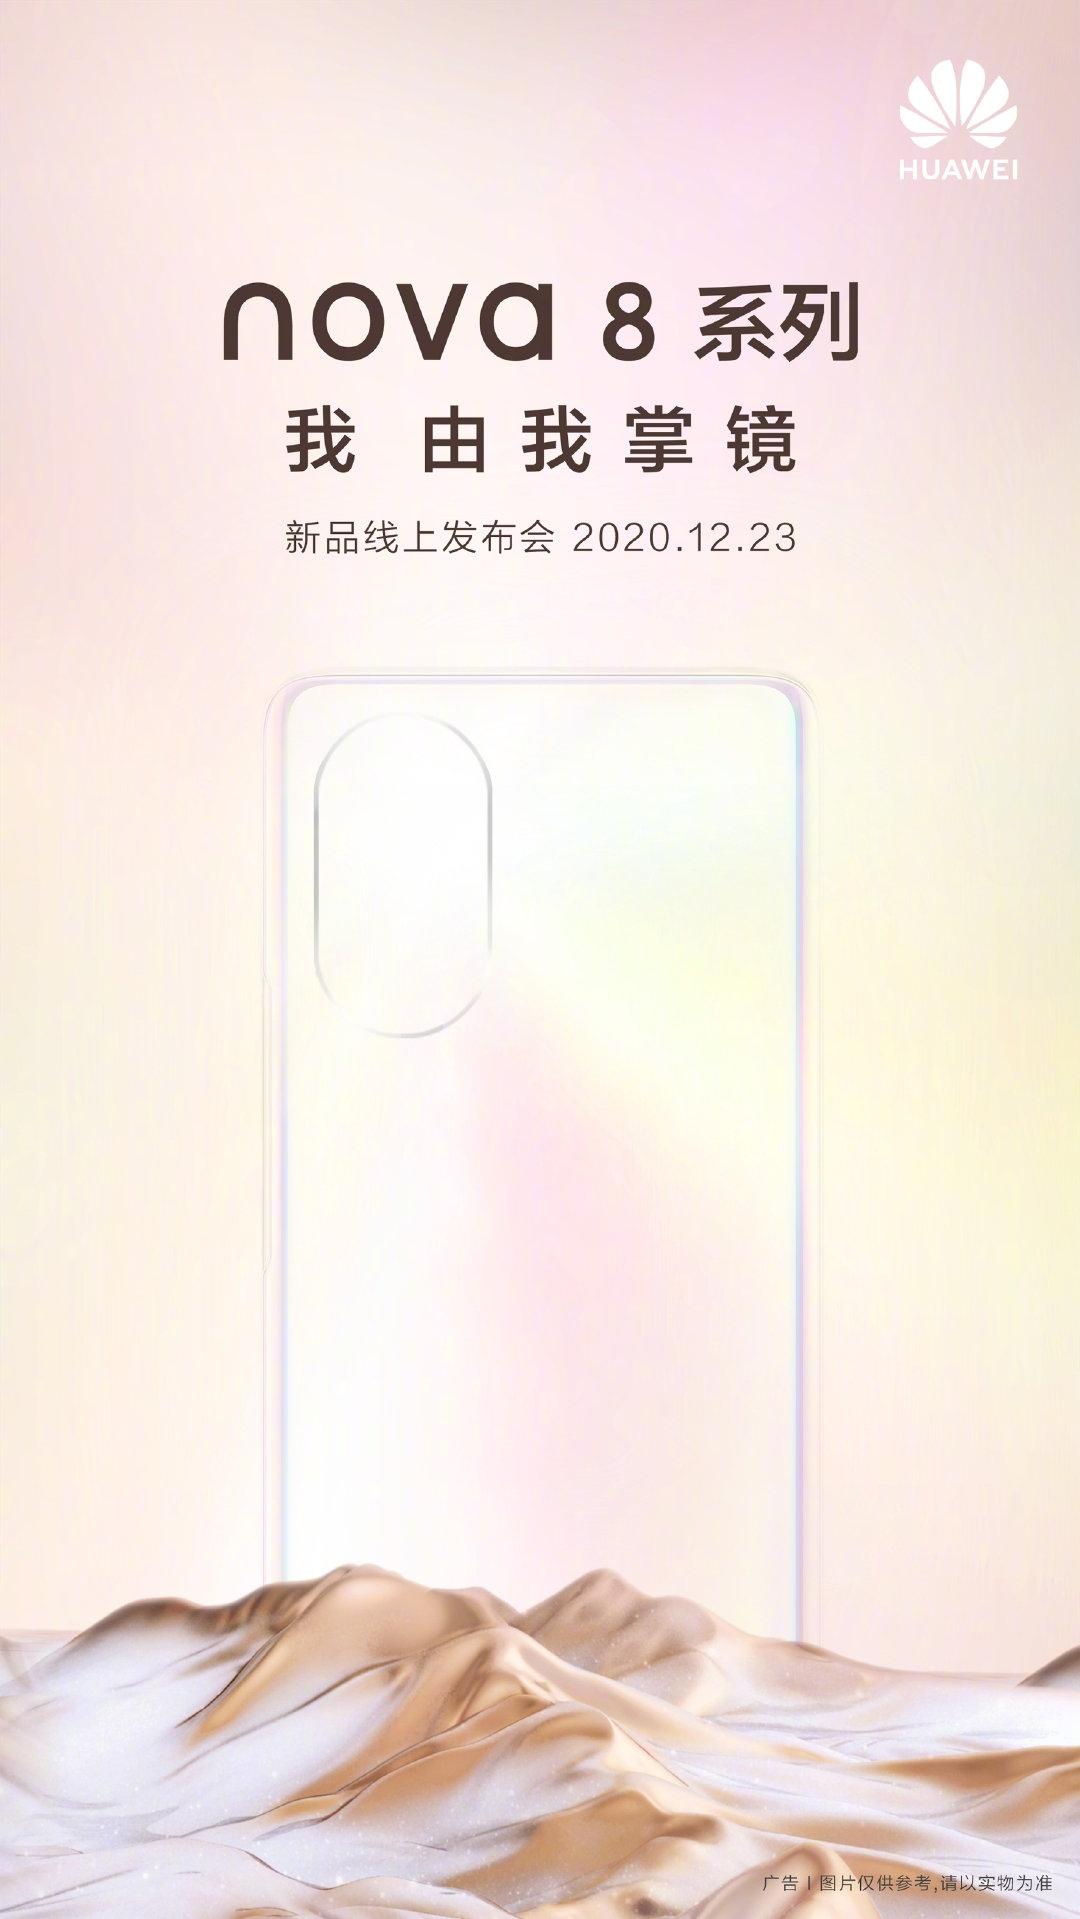 Huawei Nova 8 1 1080x1919x